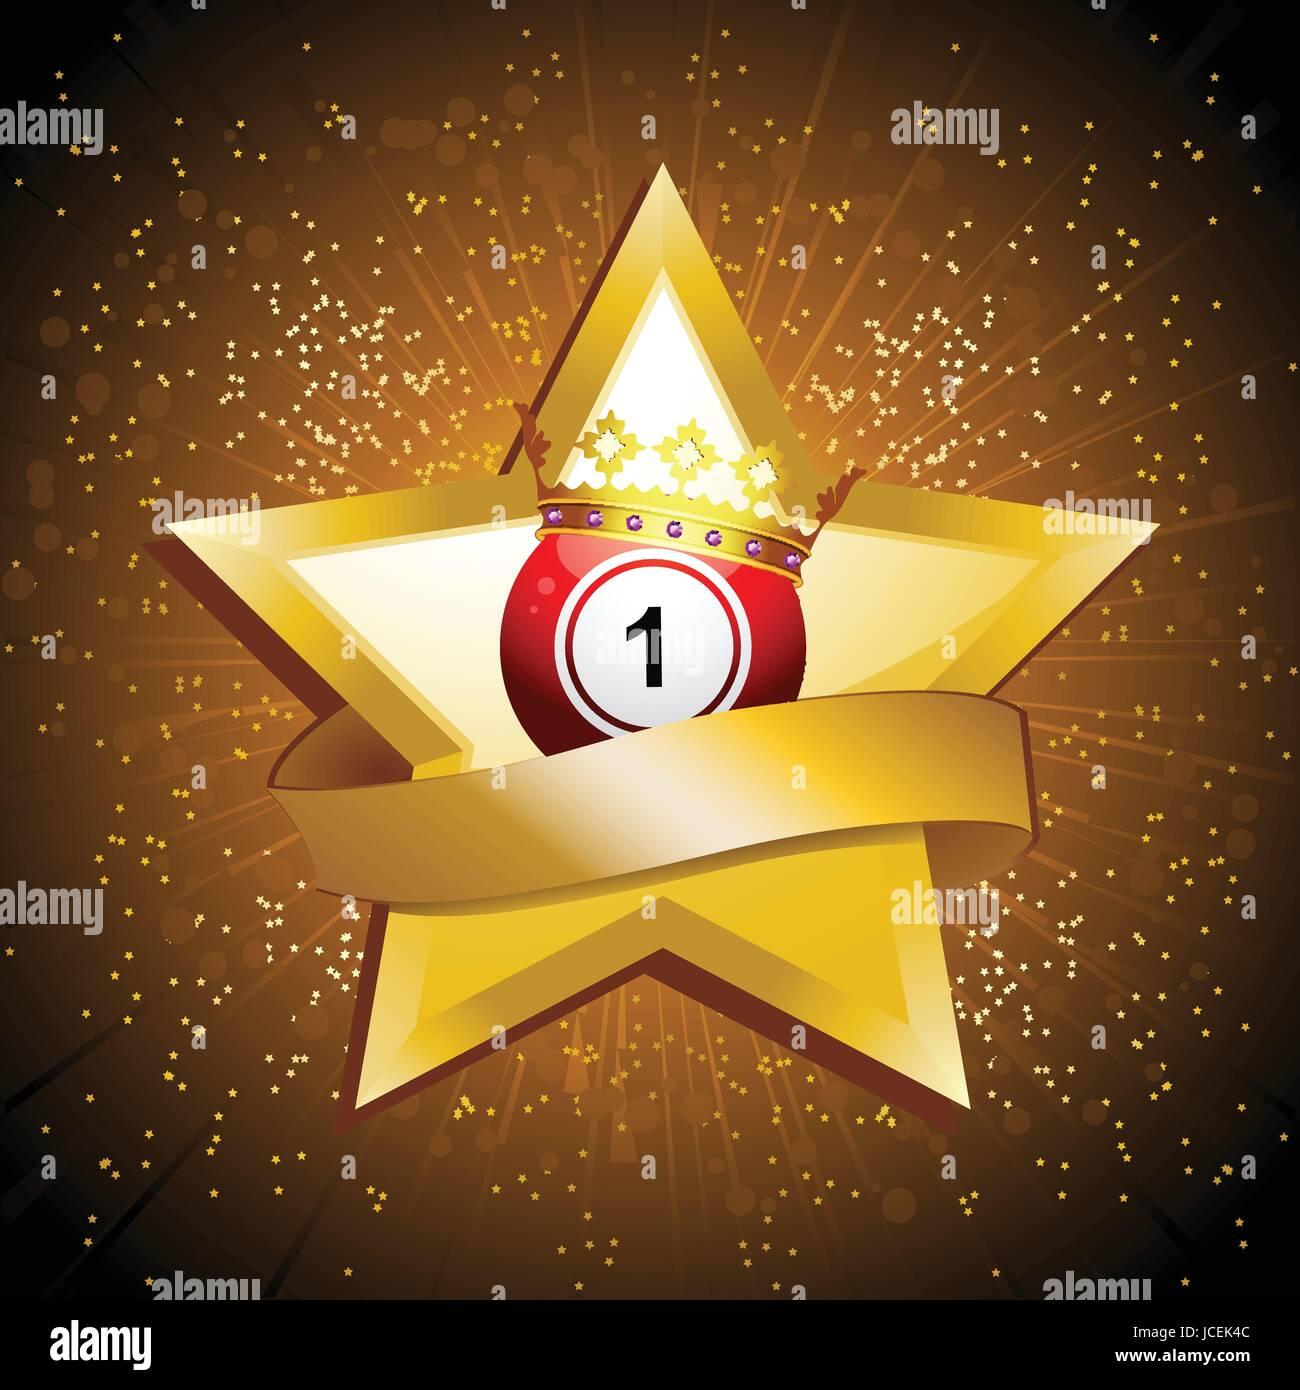 Roten Bingo Lotto Ball Nummer 1 mit Krone auf goldenen Stern mit ...